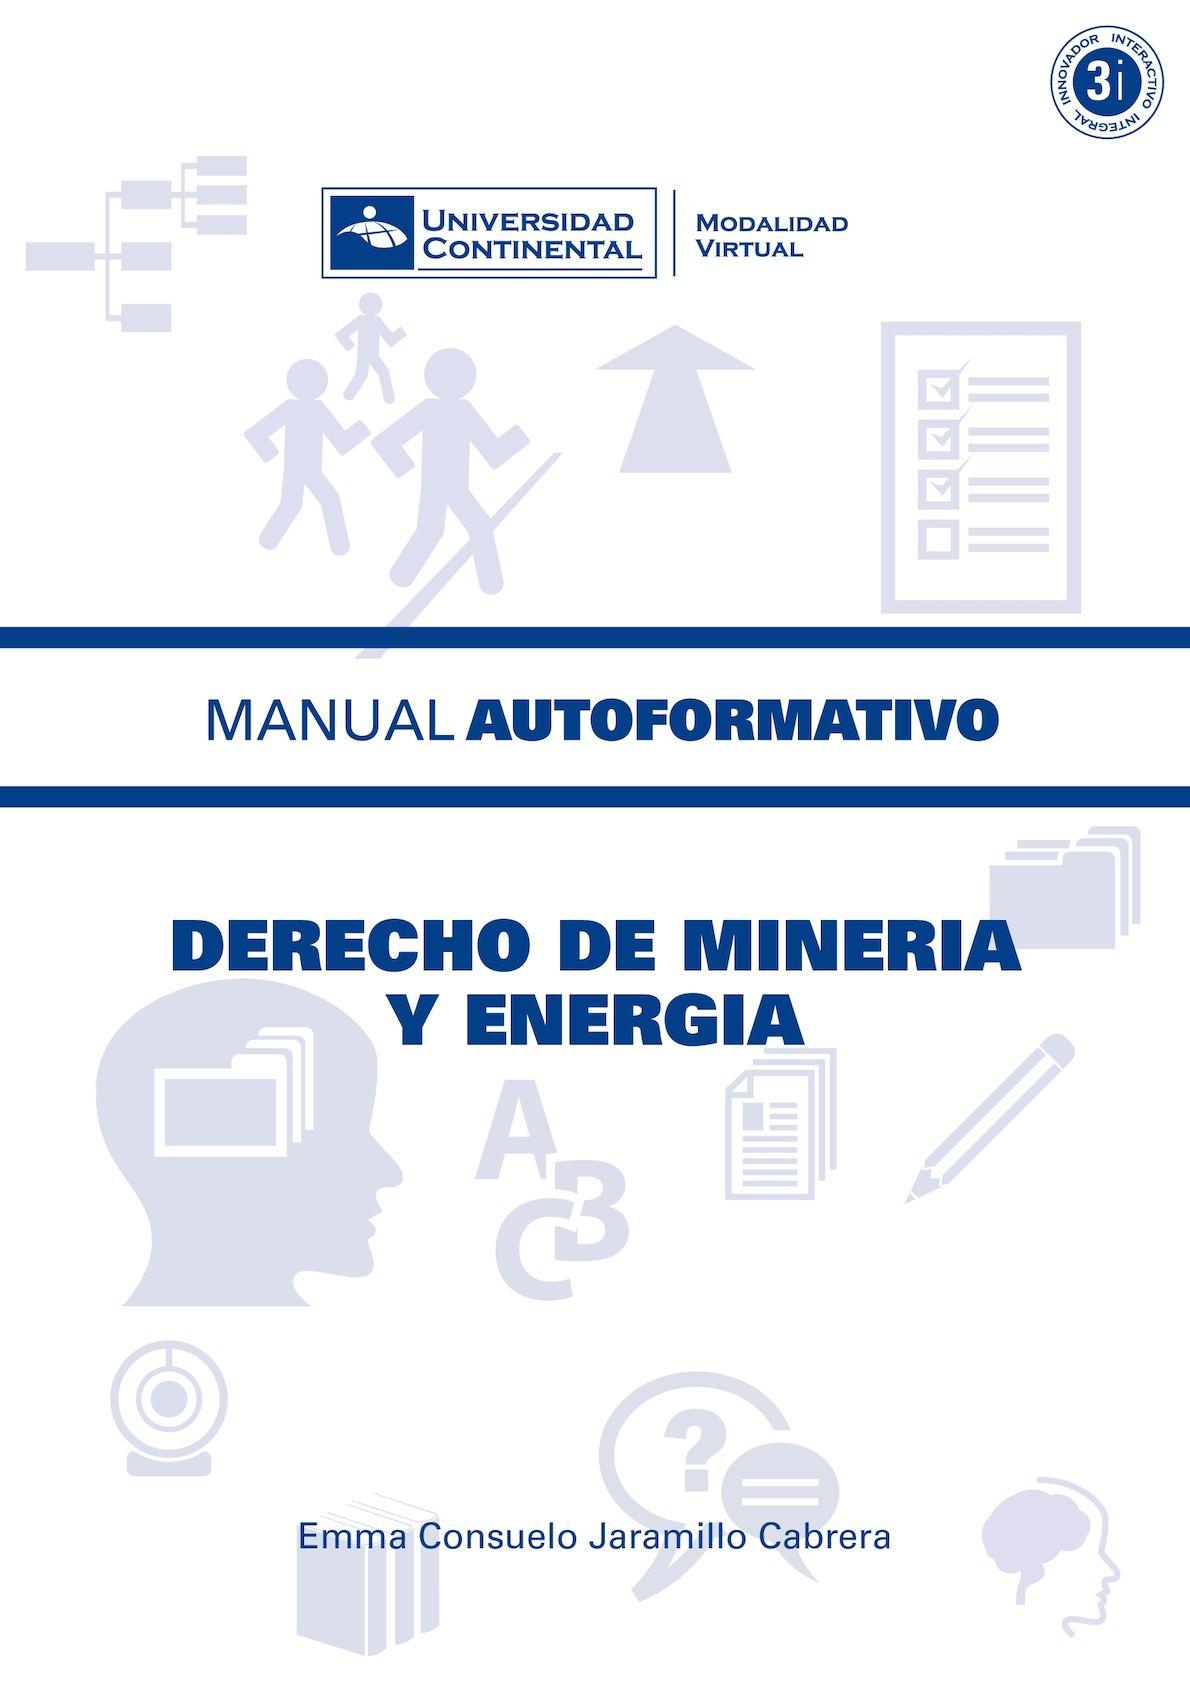 A0110 MA Derecho De Mineria Y Energia ED1 V1 2015